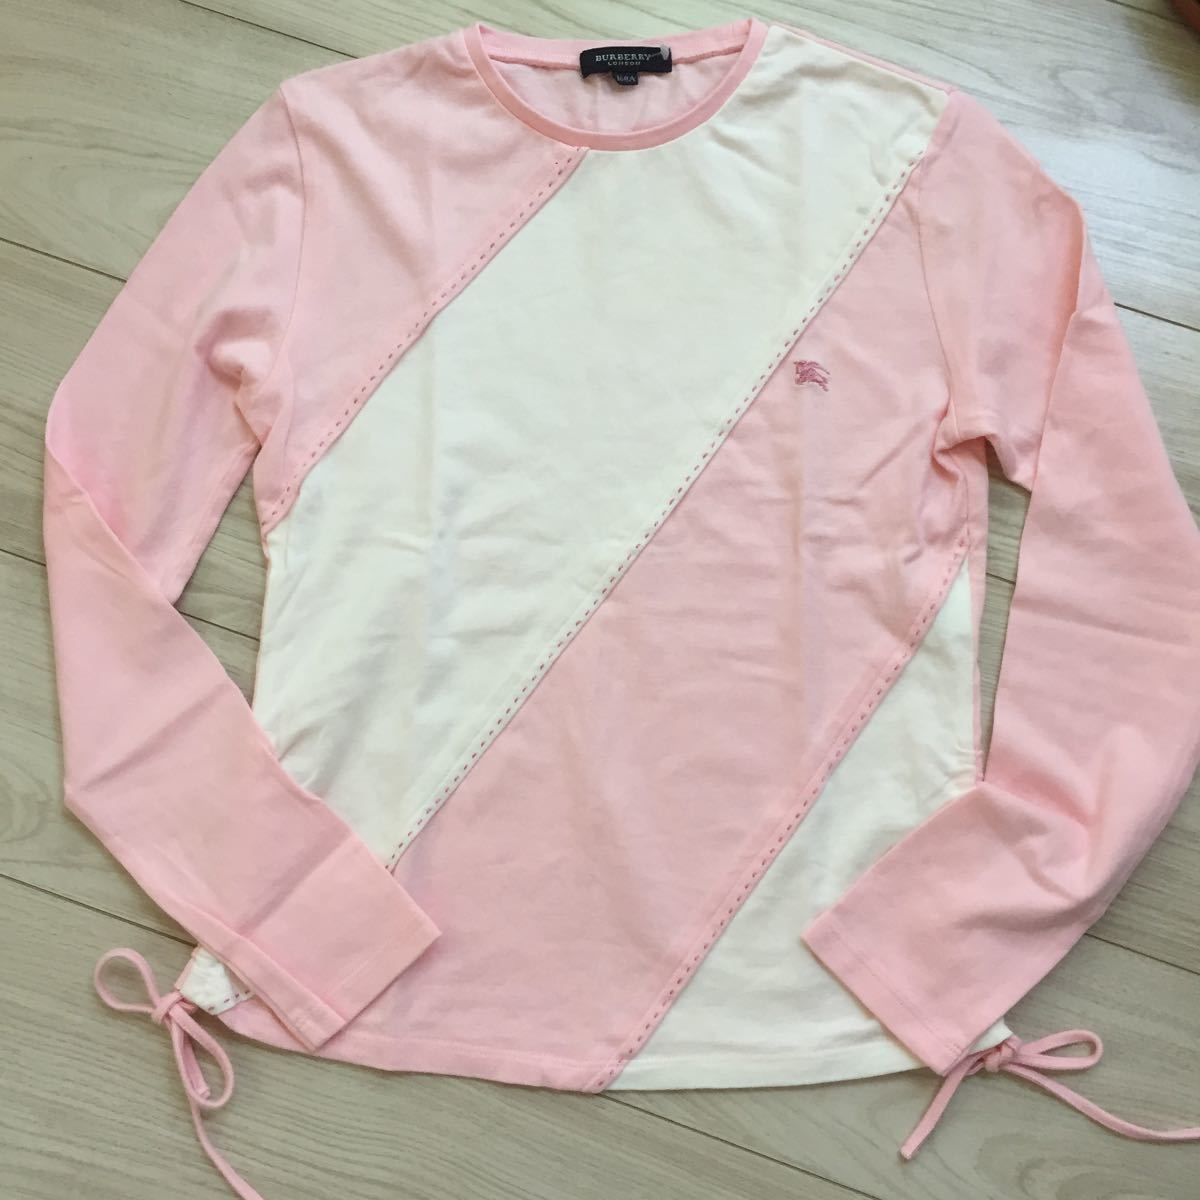 未使用 未着 BURBERRY LONDON バーバリー 綿100 ホース刺繍付き 可愛い長袖Tシャツ サイズ160A オフ白×ピンク 日本製 三陽商会_画像1